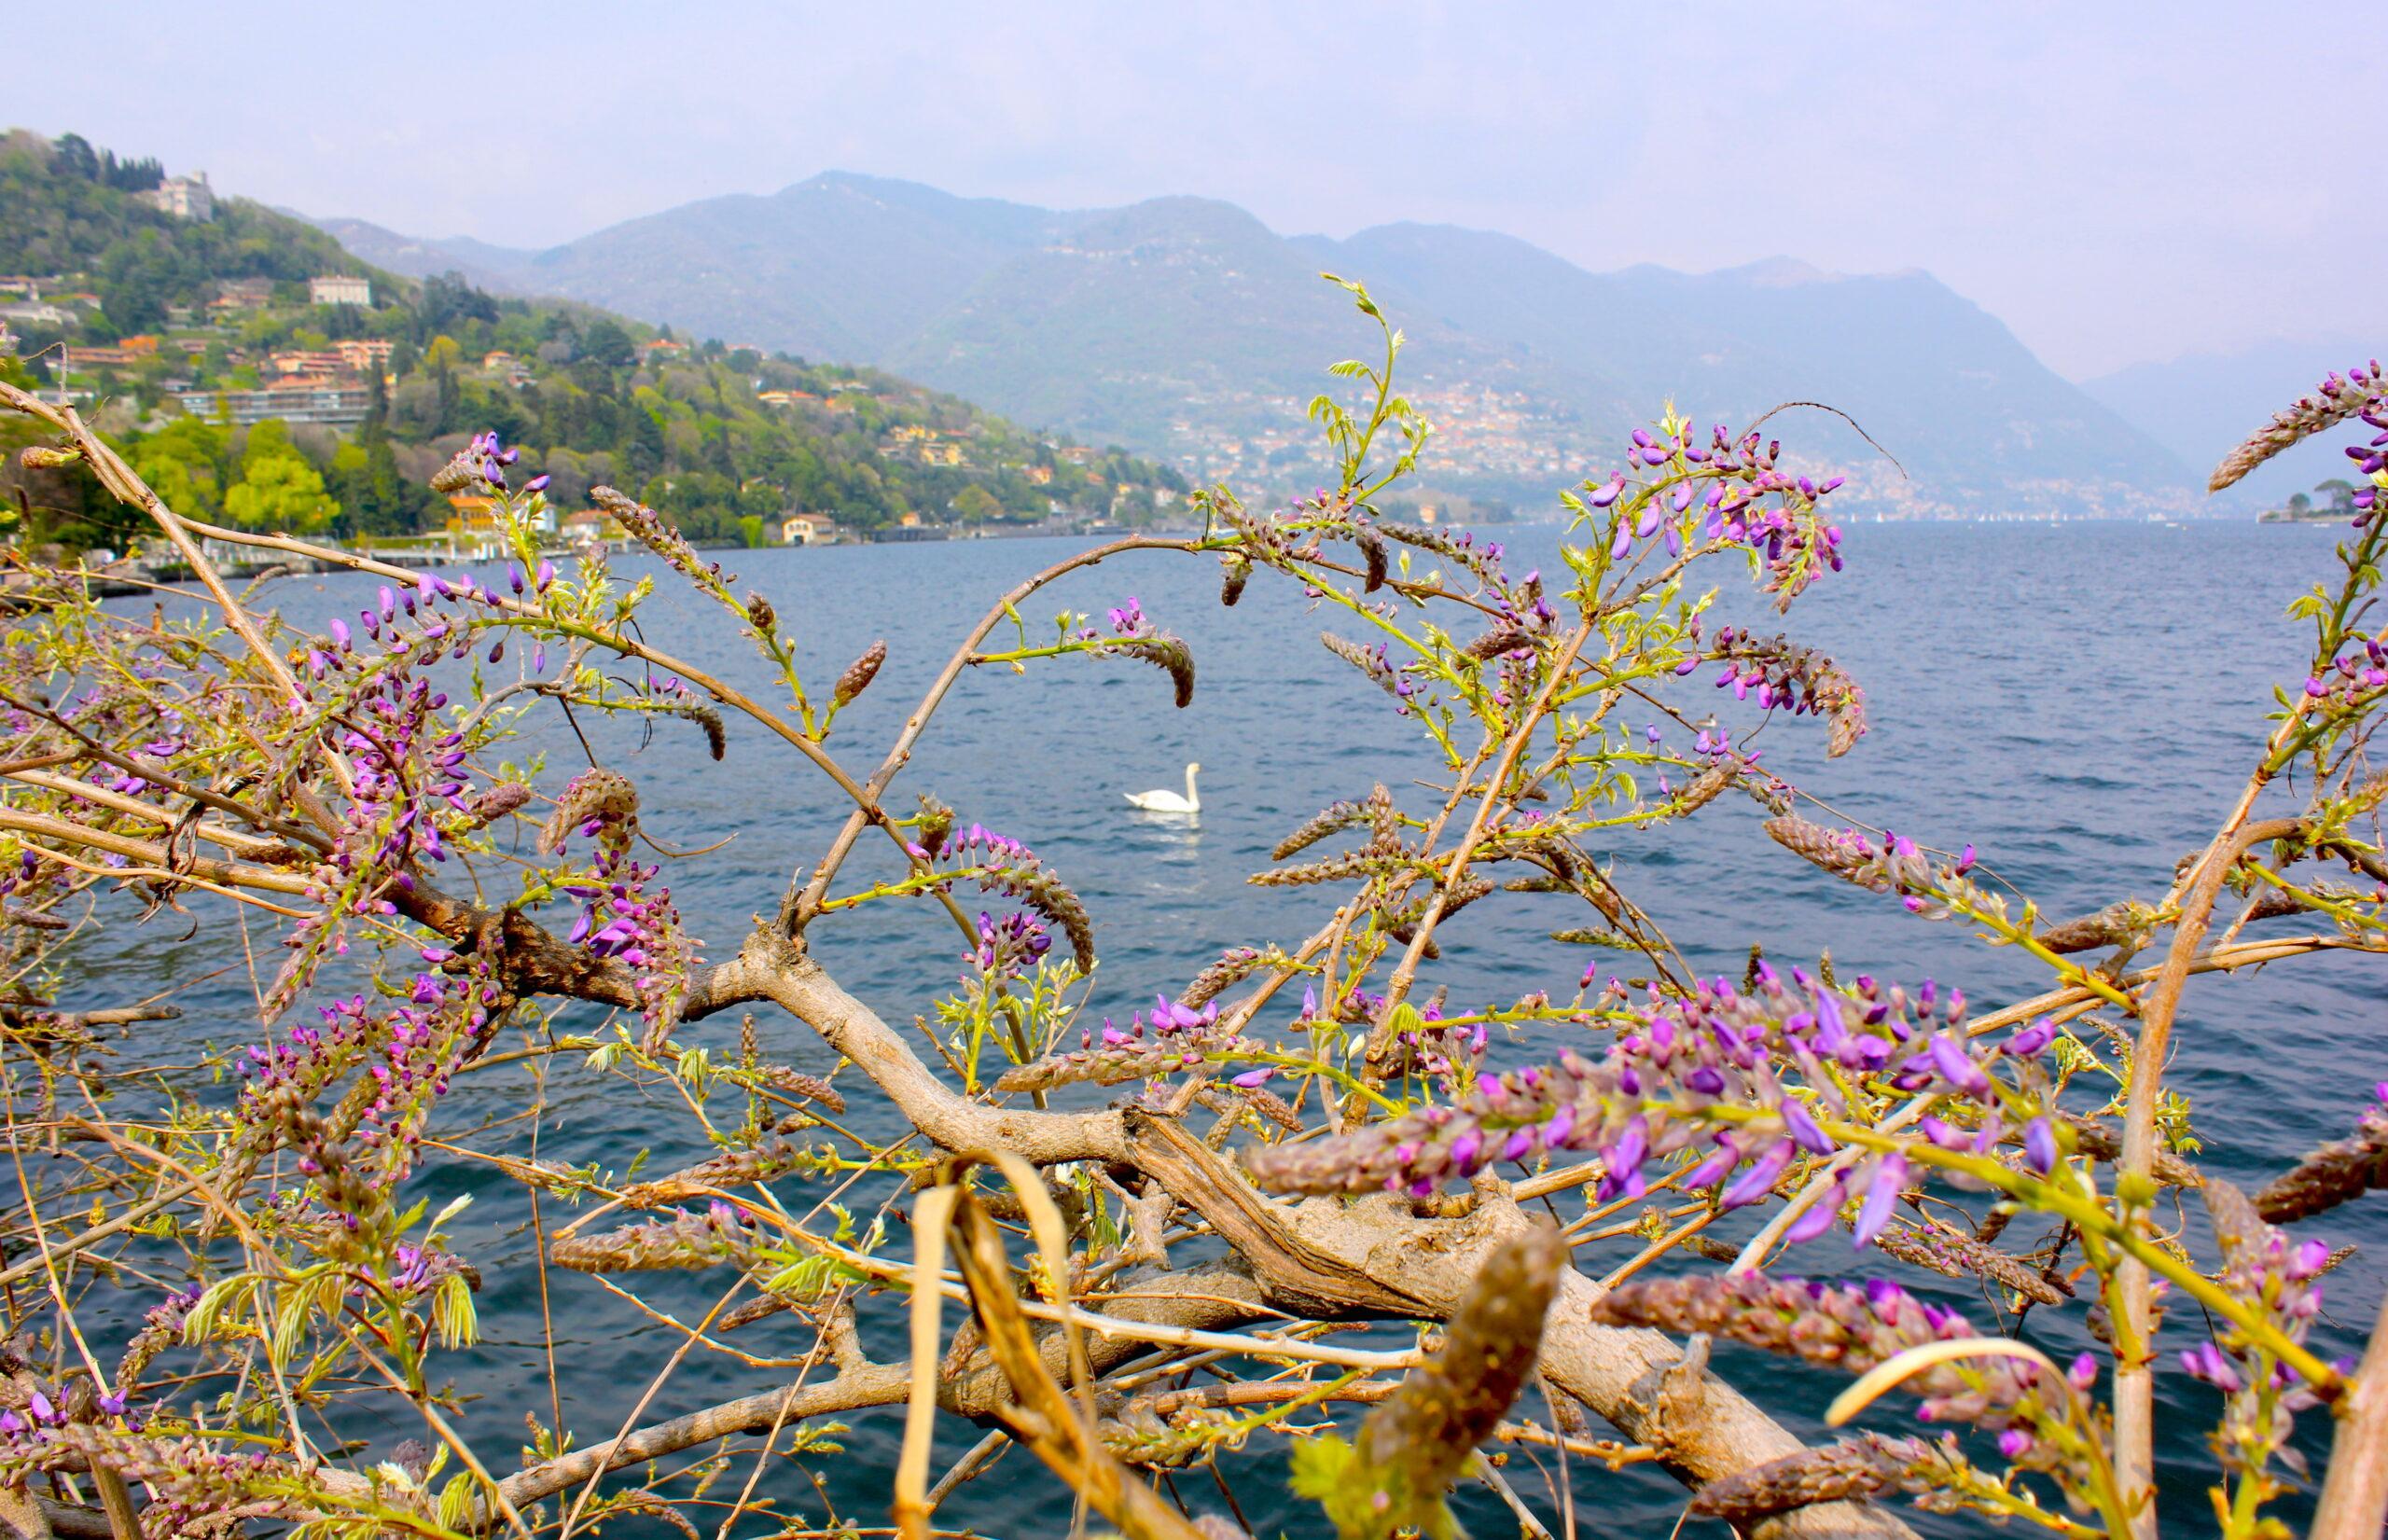 Piccolo vademecum per innamorarsi del Lago di Como